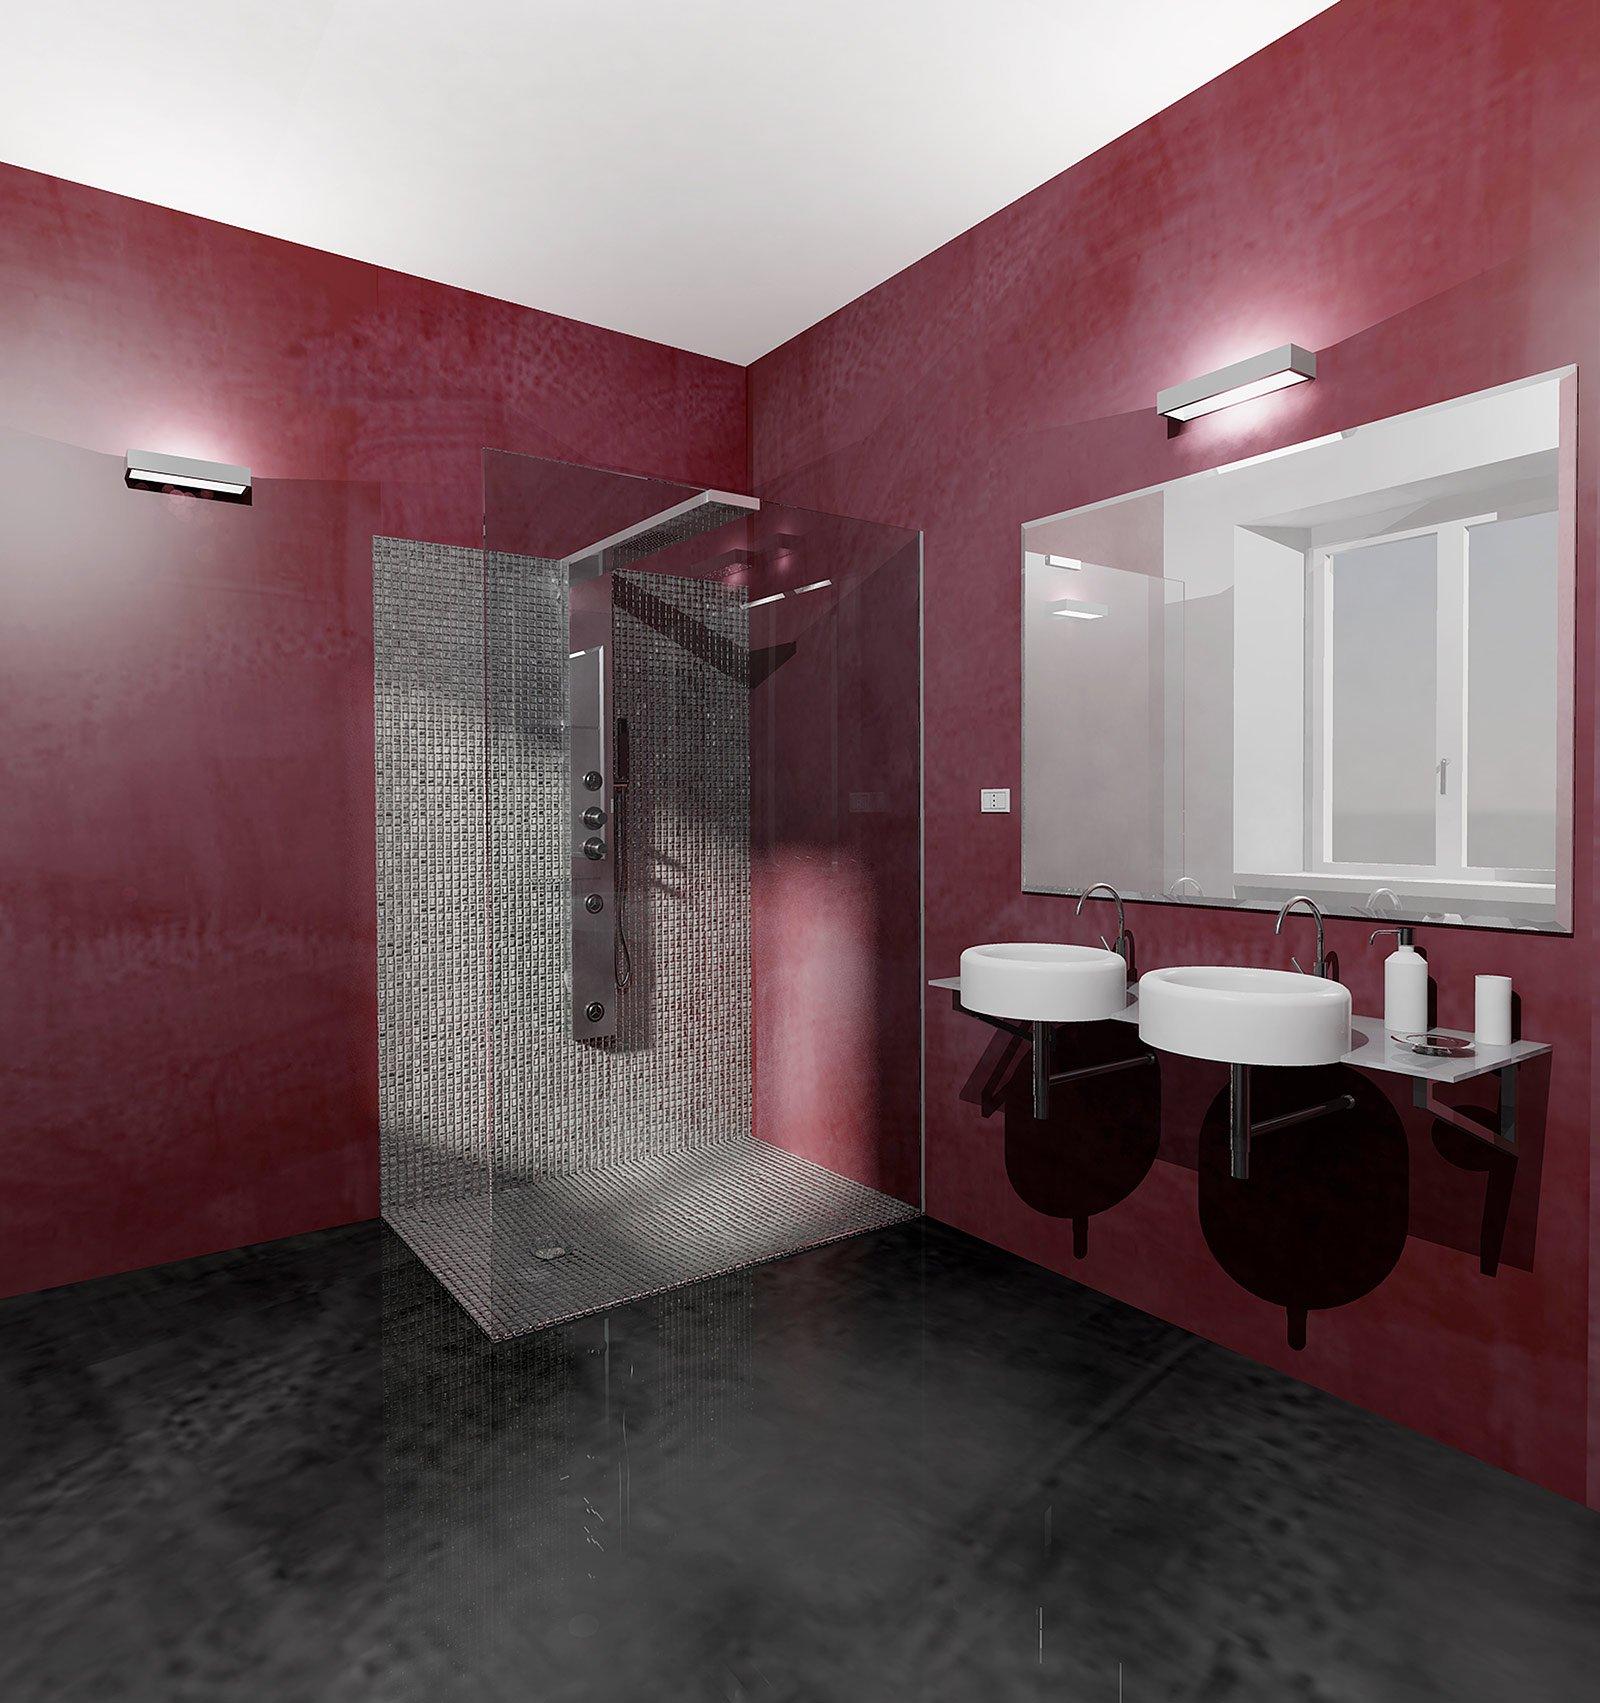 Scegliere i rivestimenti per pareti e pavimenti cose di casa - Rivestimenti per doccia ...